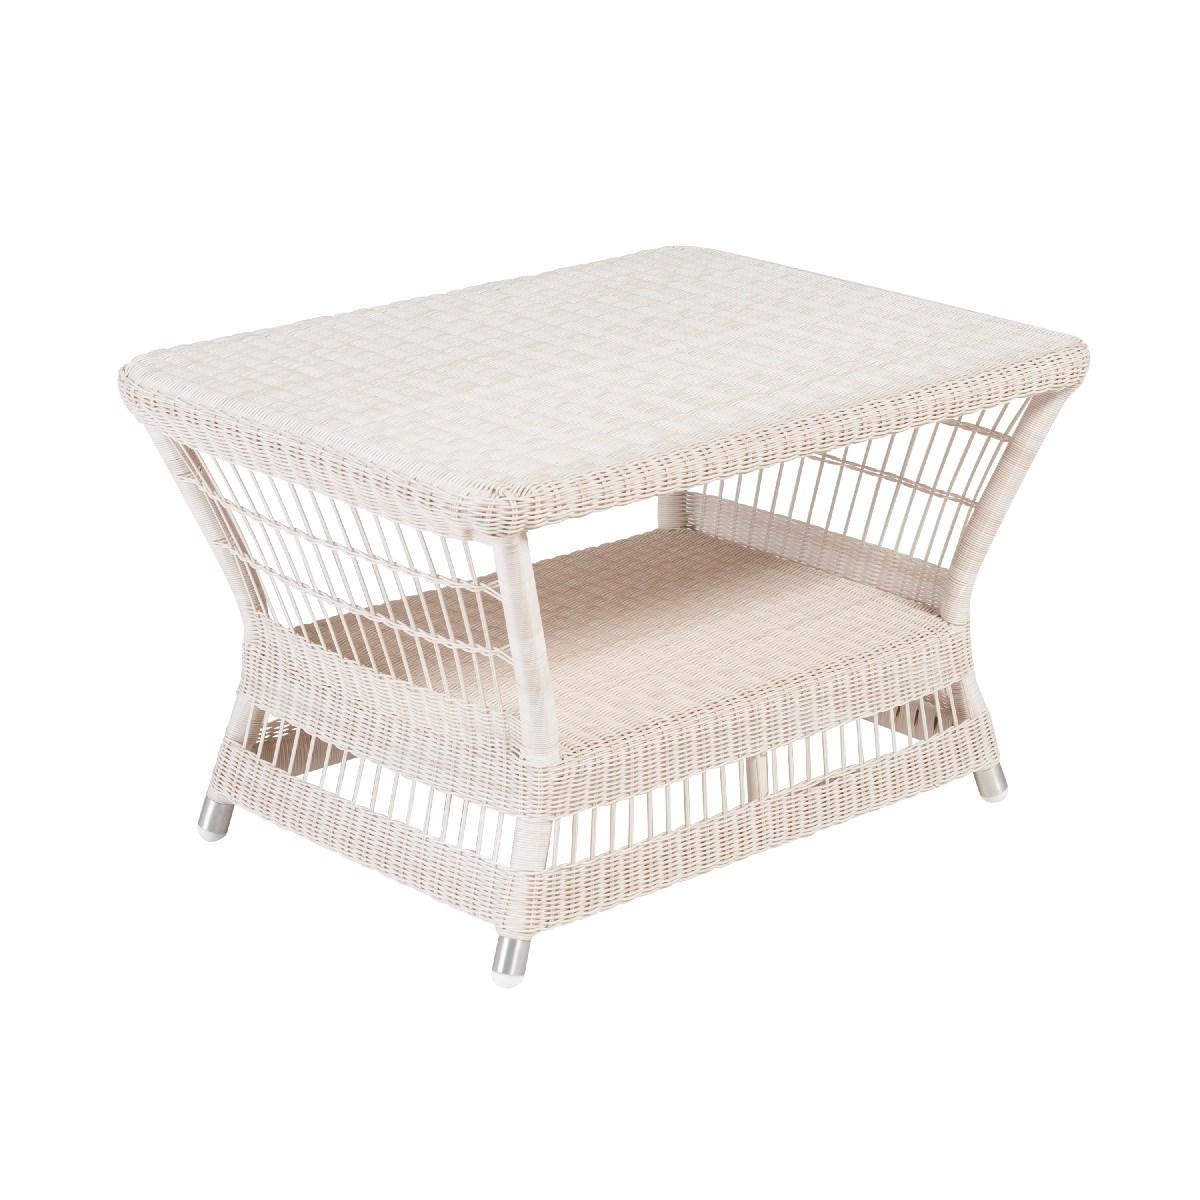 Table basse rectangulaire de jardin en résine blanc cassé